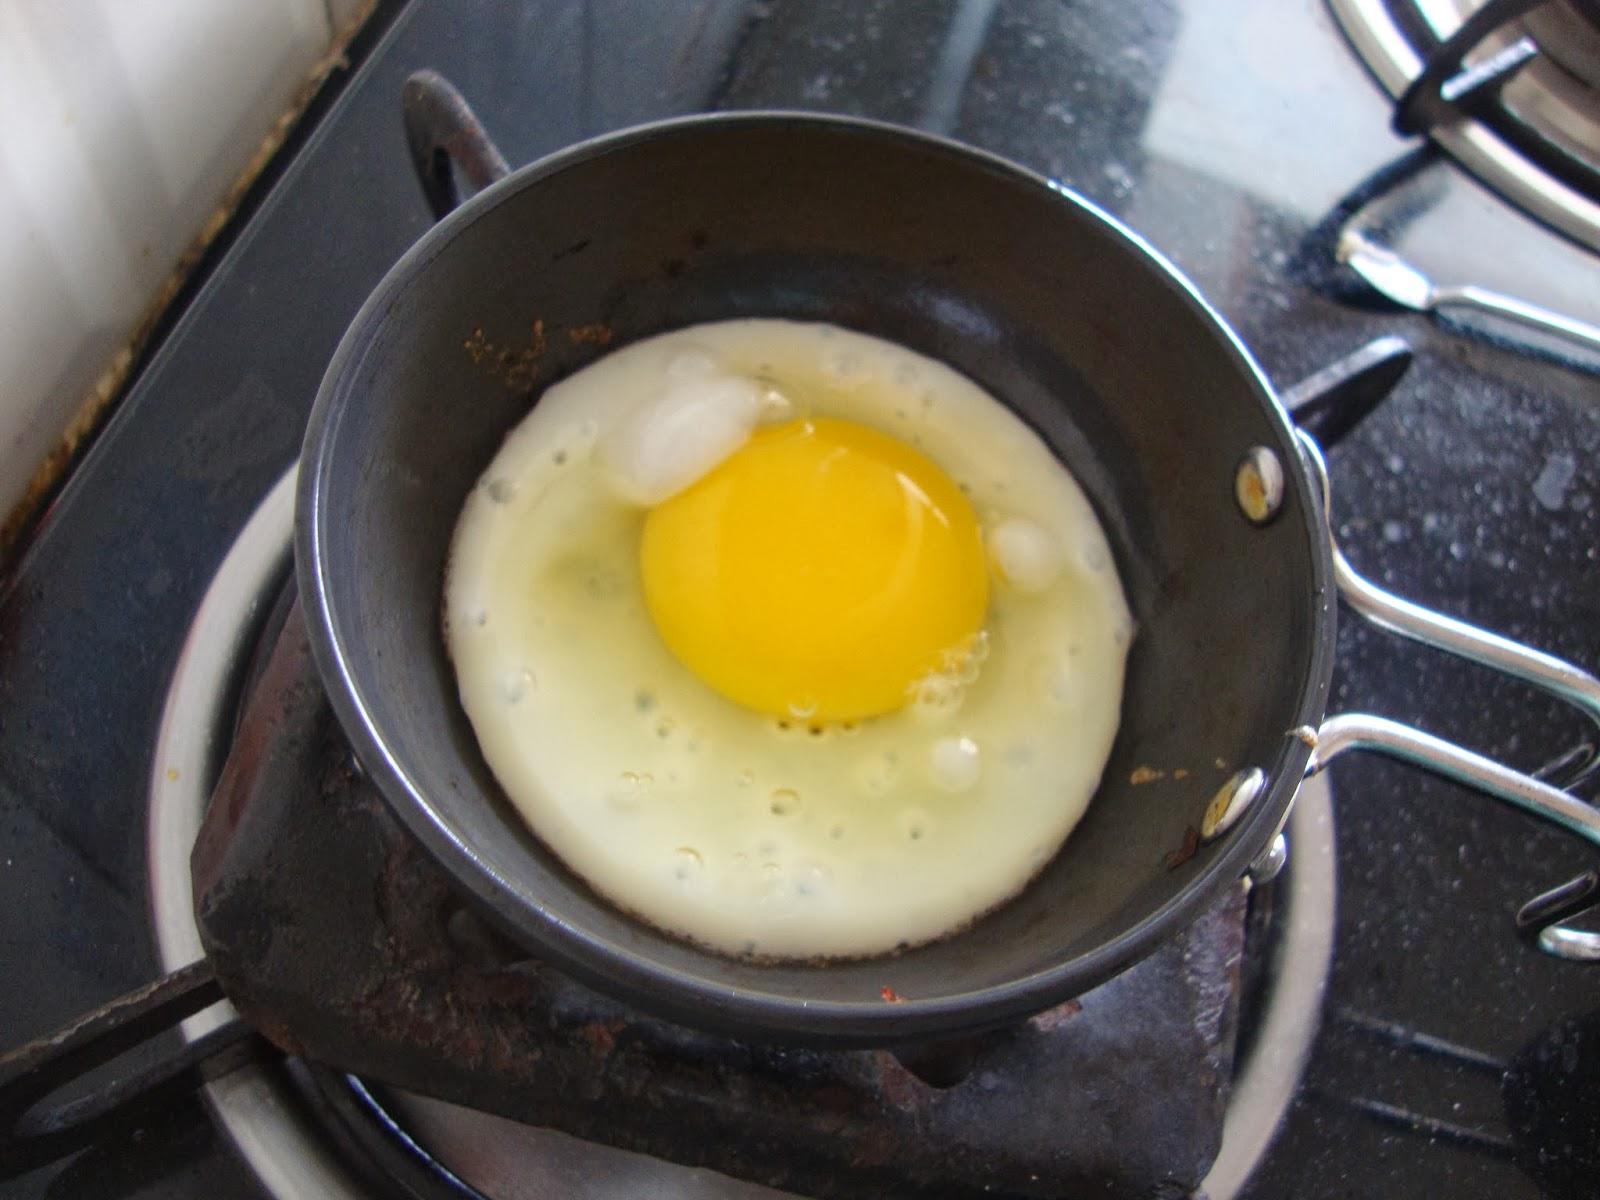 how to make an egg not break